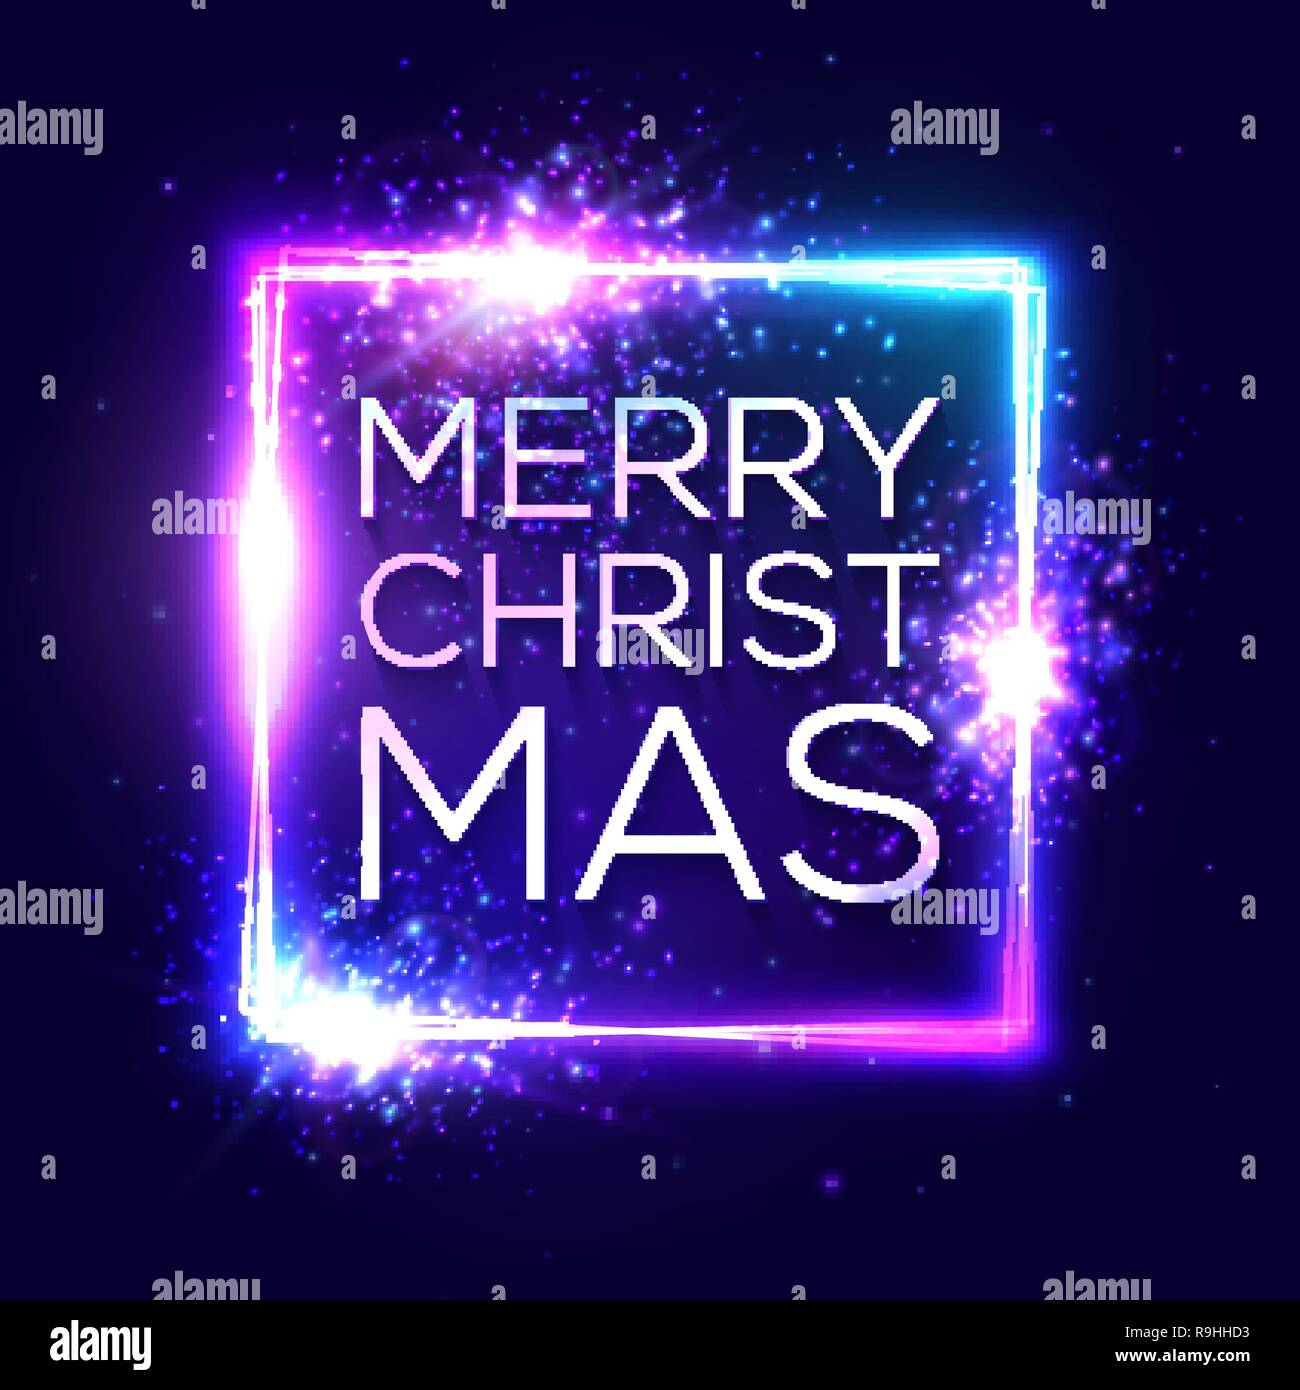 Frohe Weihnachten Schriftzug Beleuchtet.Frohe Weihnachten Text Auf Blauem Neonlicht Dekorativer Hintergrund